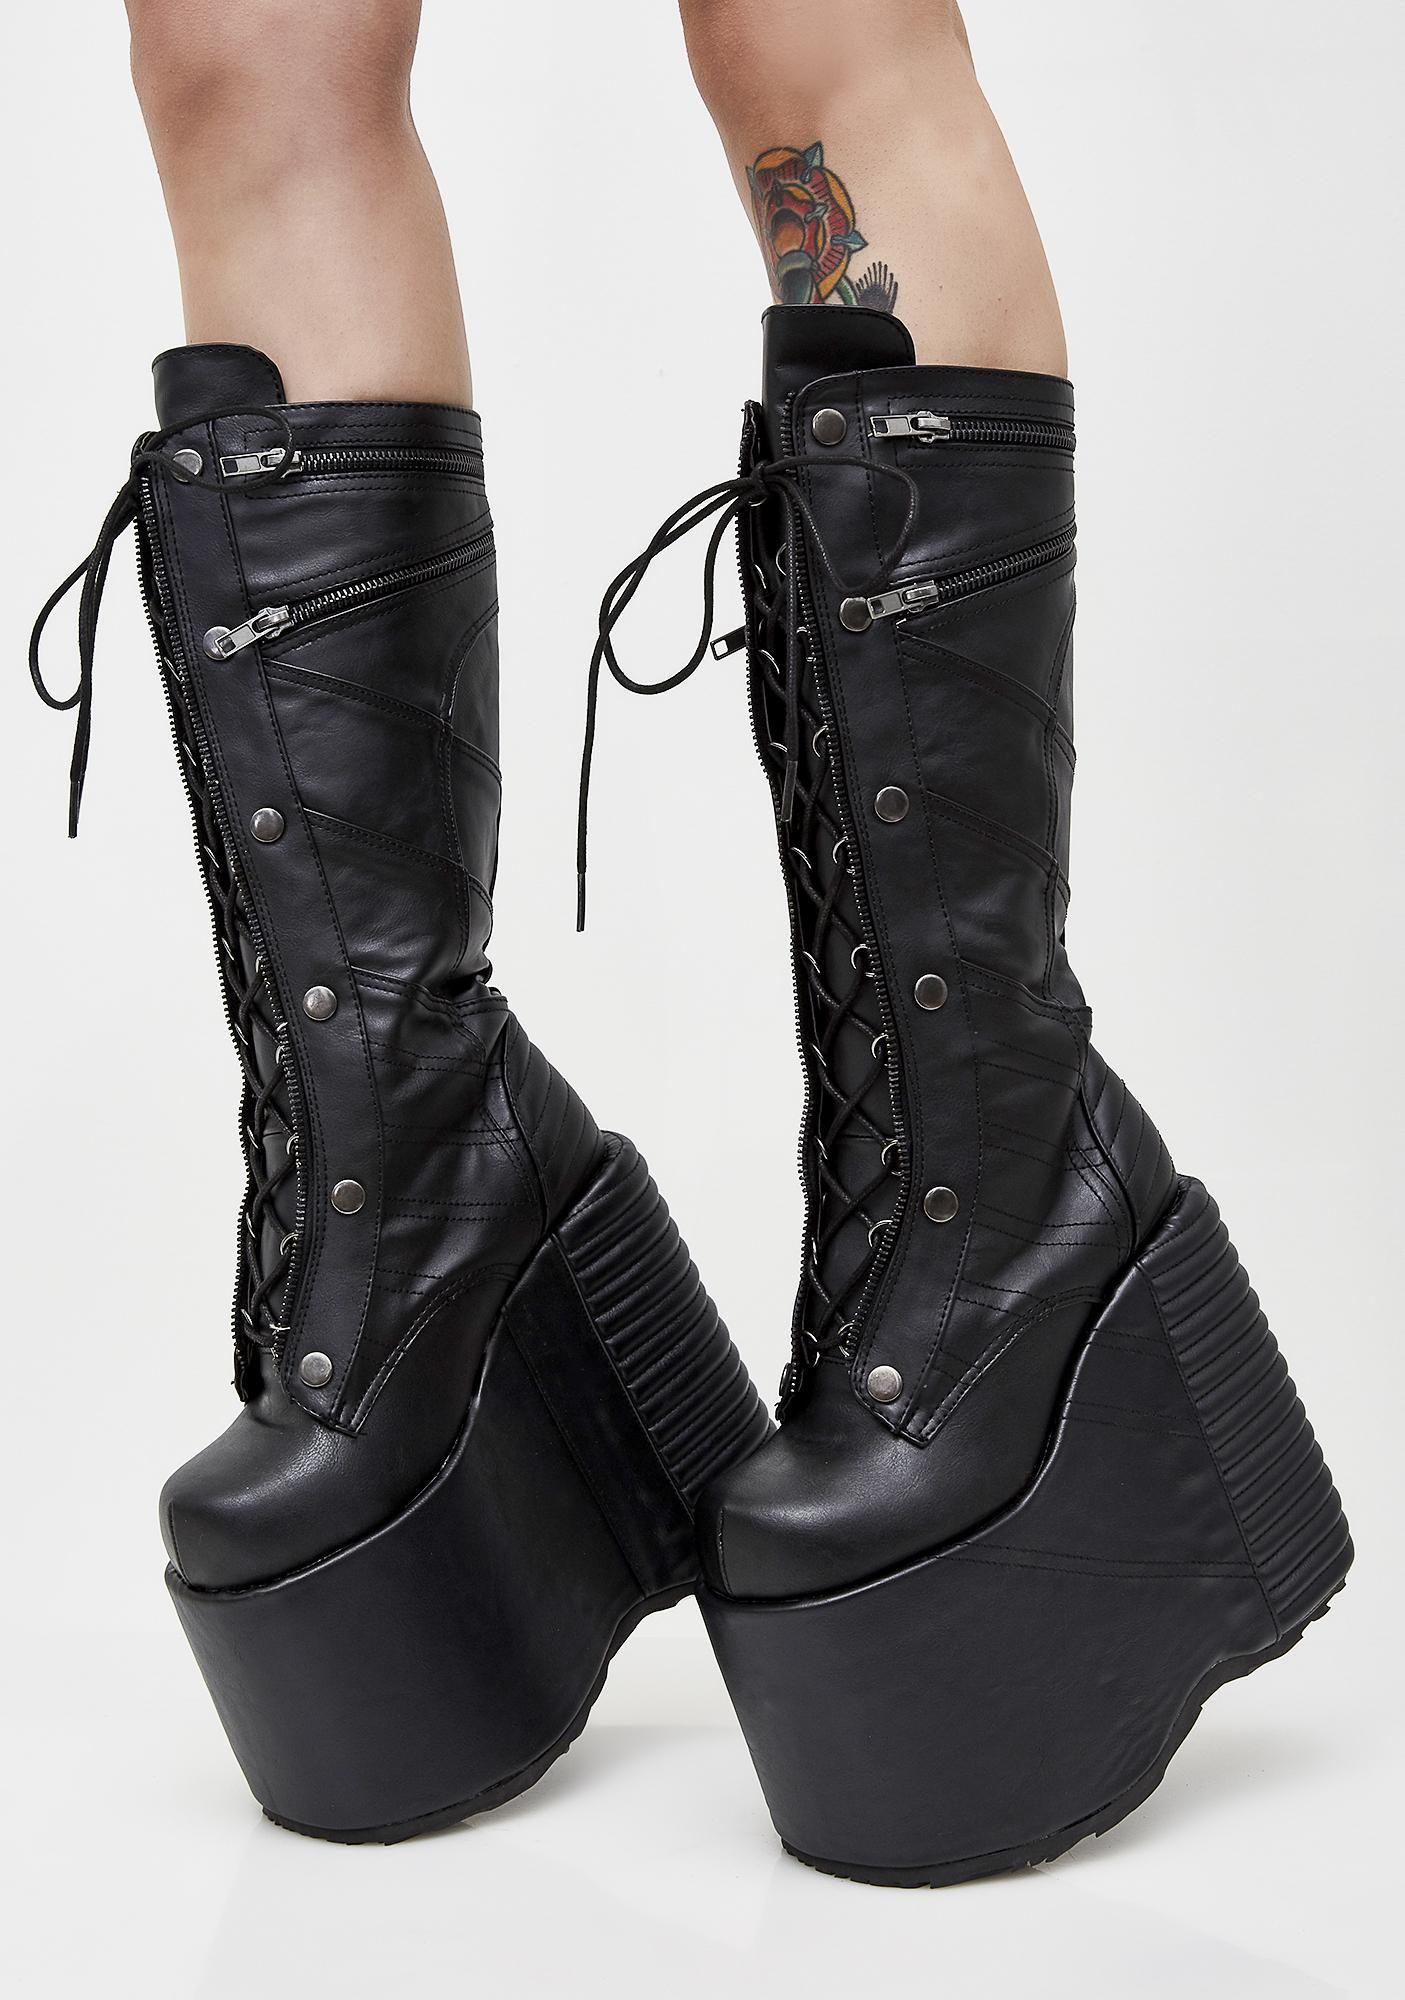 ffeff7714c3 Demonia Underworld Platform Boots cuz you re the queen of darkness. These  insane boots have thikk platform soles